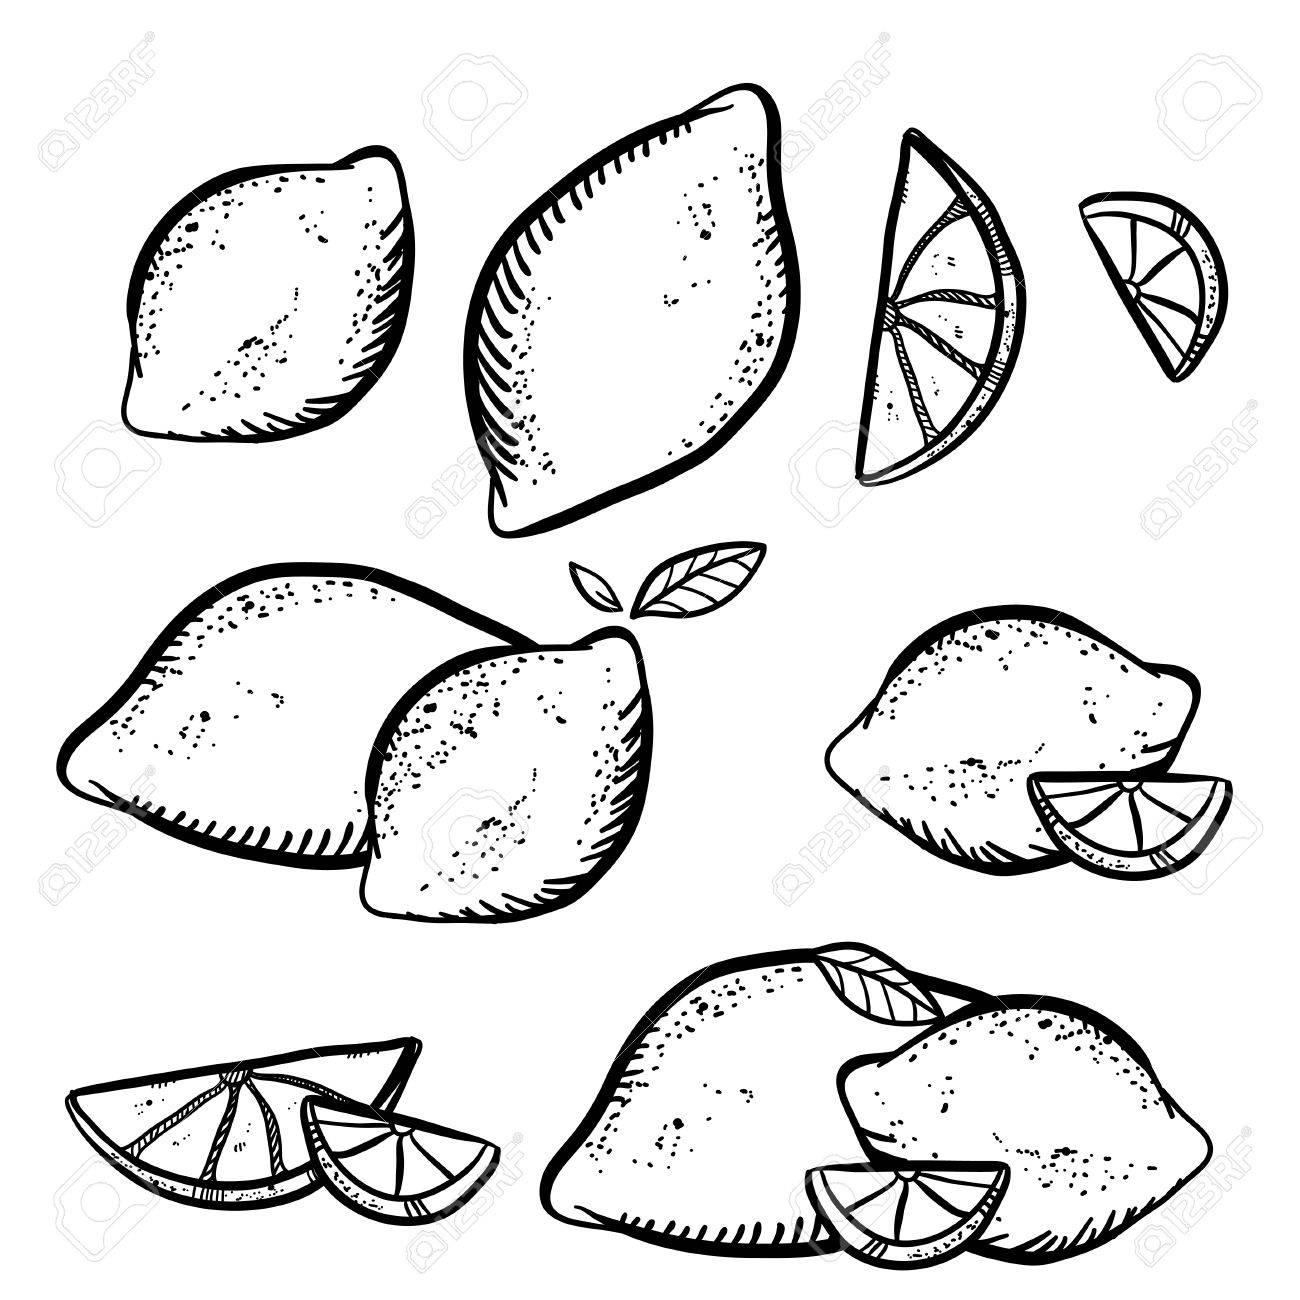 1300x1300 Vector Illustration With Sketch Lemons. Set Of Doodle Lemons